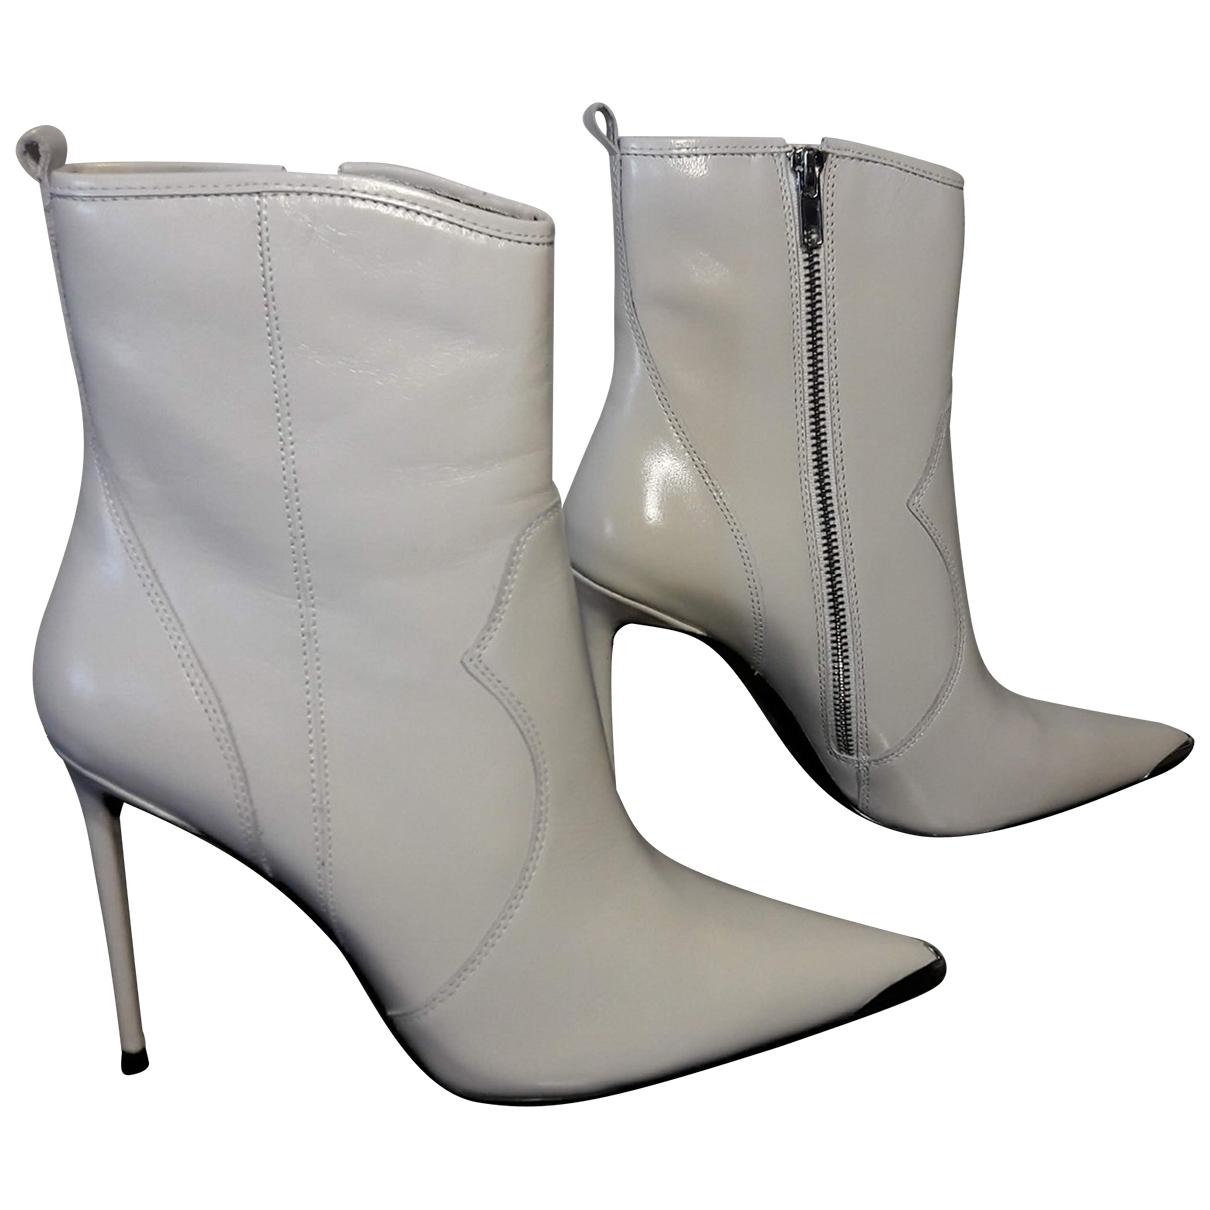 Steve Madden - Boots   pour femme en cuir - blanc